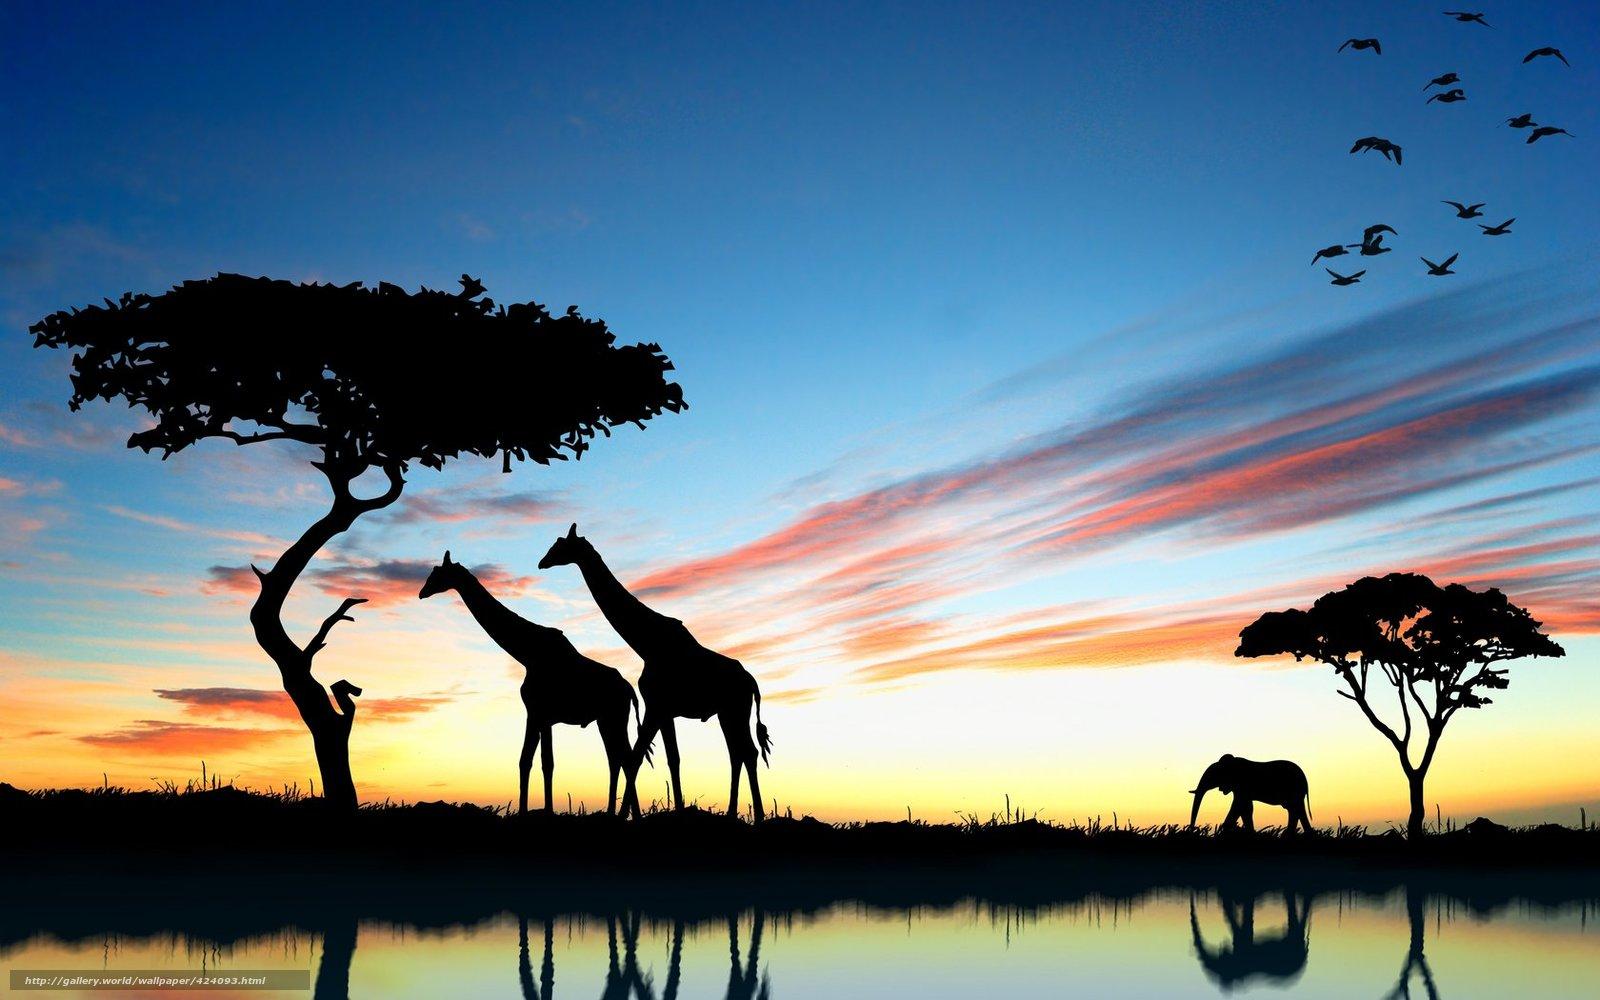 Tlcharger Fond d'ecran girafe,  lphant,  coucher du soleil,  Afrique Fonds d'ecran gratuits pour votre rsolution du bureau 1680x1050 — image №424093